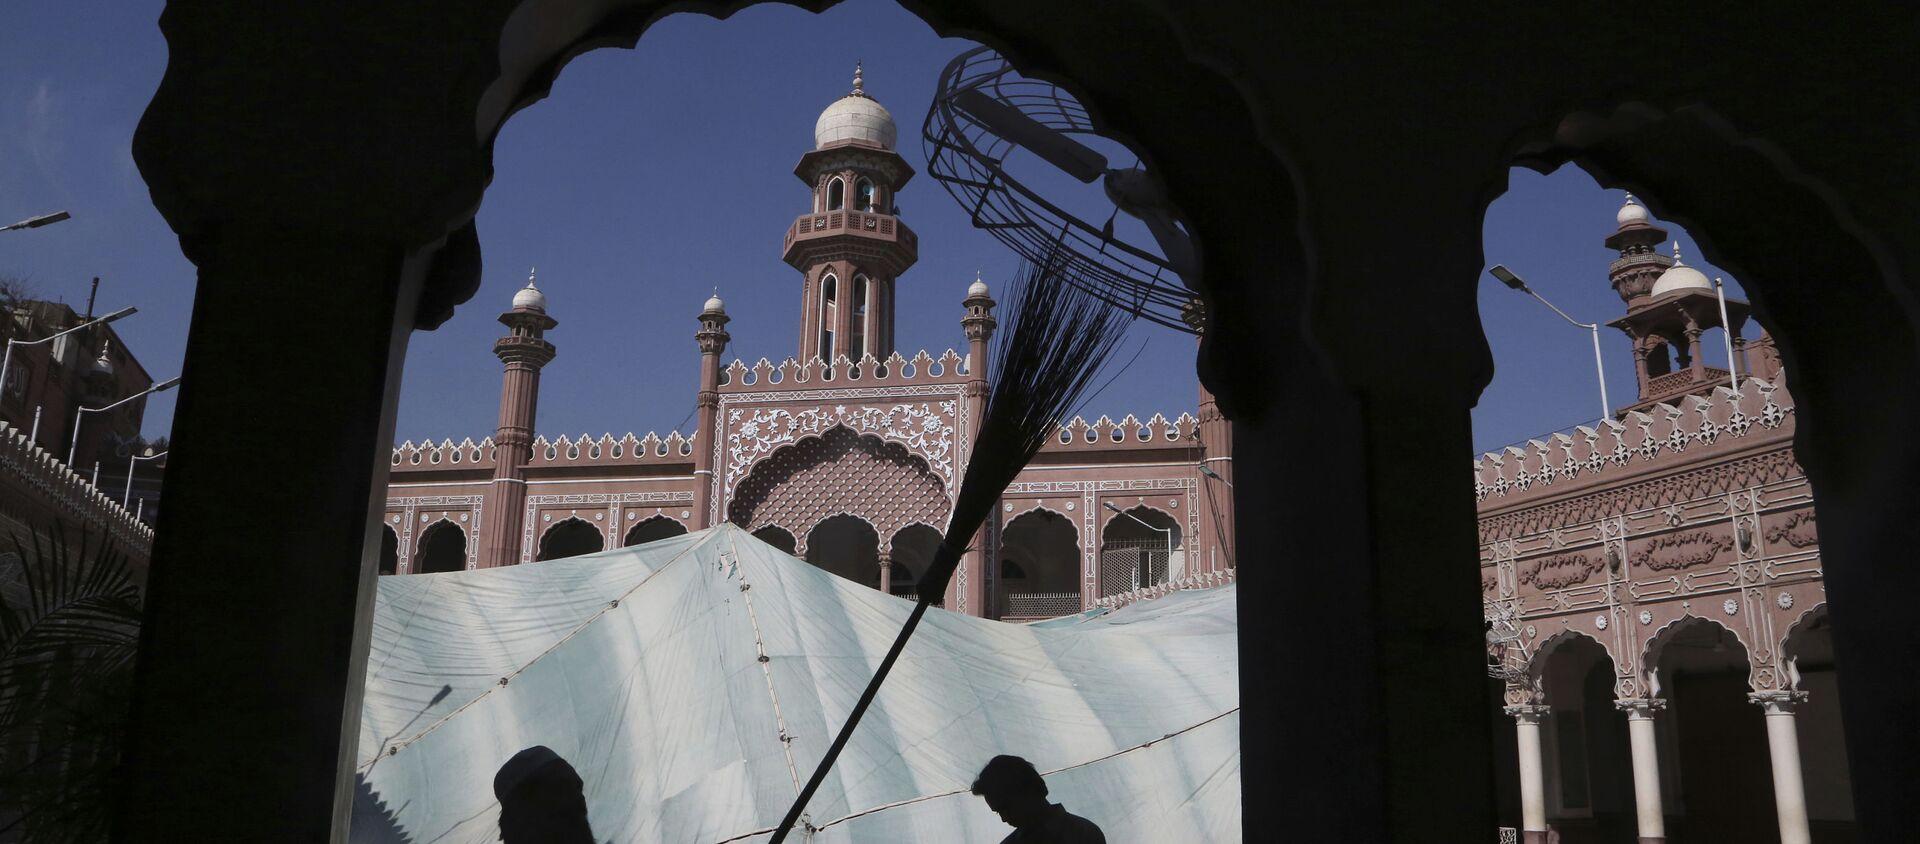 Мечеть Мохабат Хан в Пакистане в месяц Рамадан. Мусульманские праздники - Sputnik Грузия, 1920, 12.05.2021